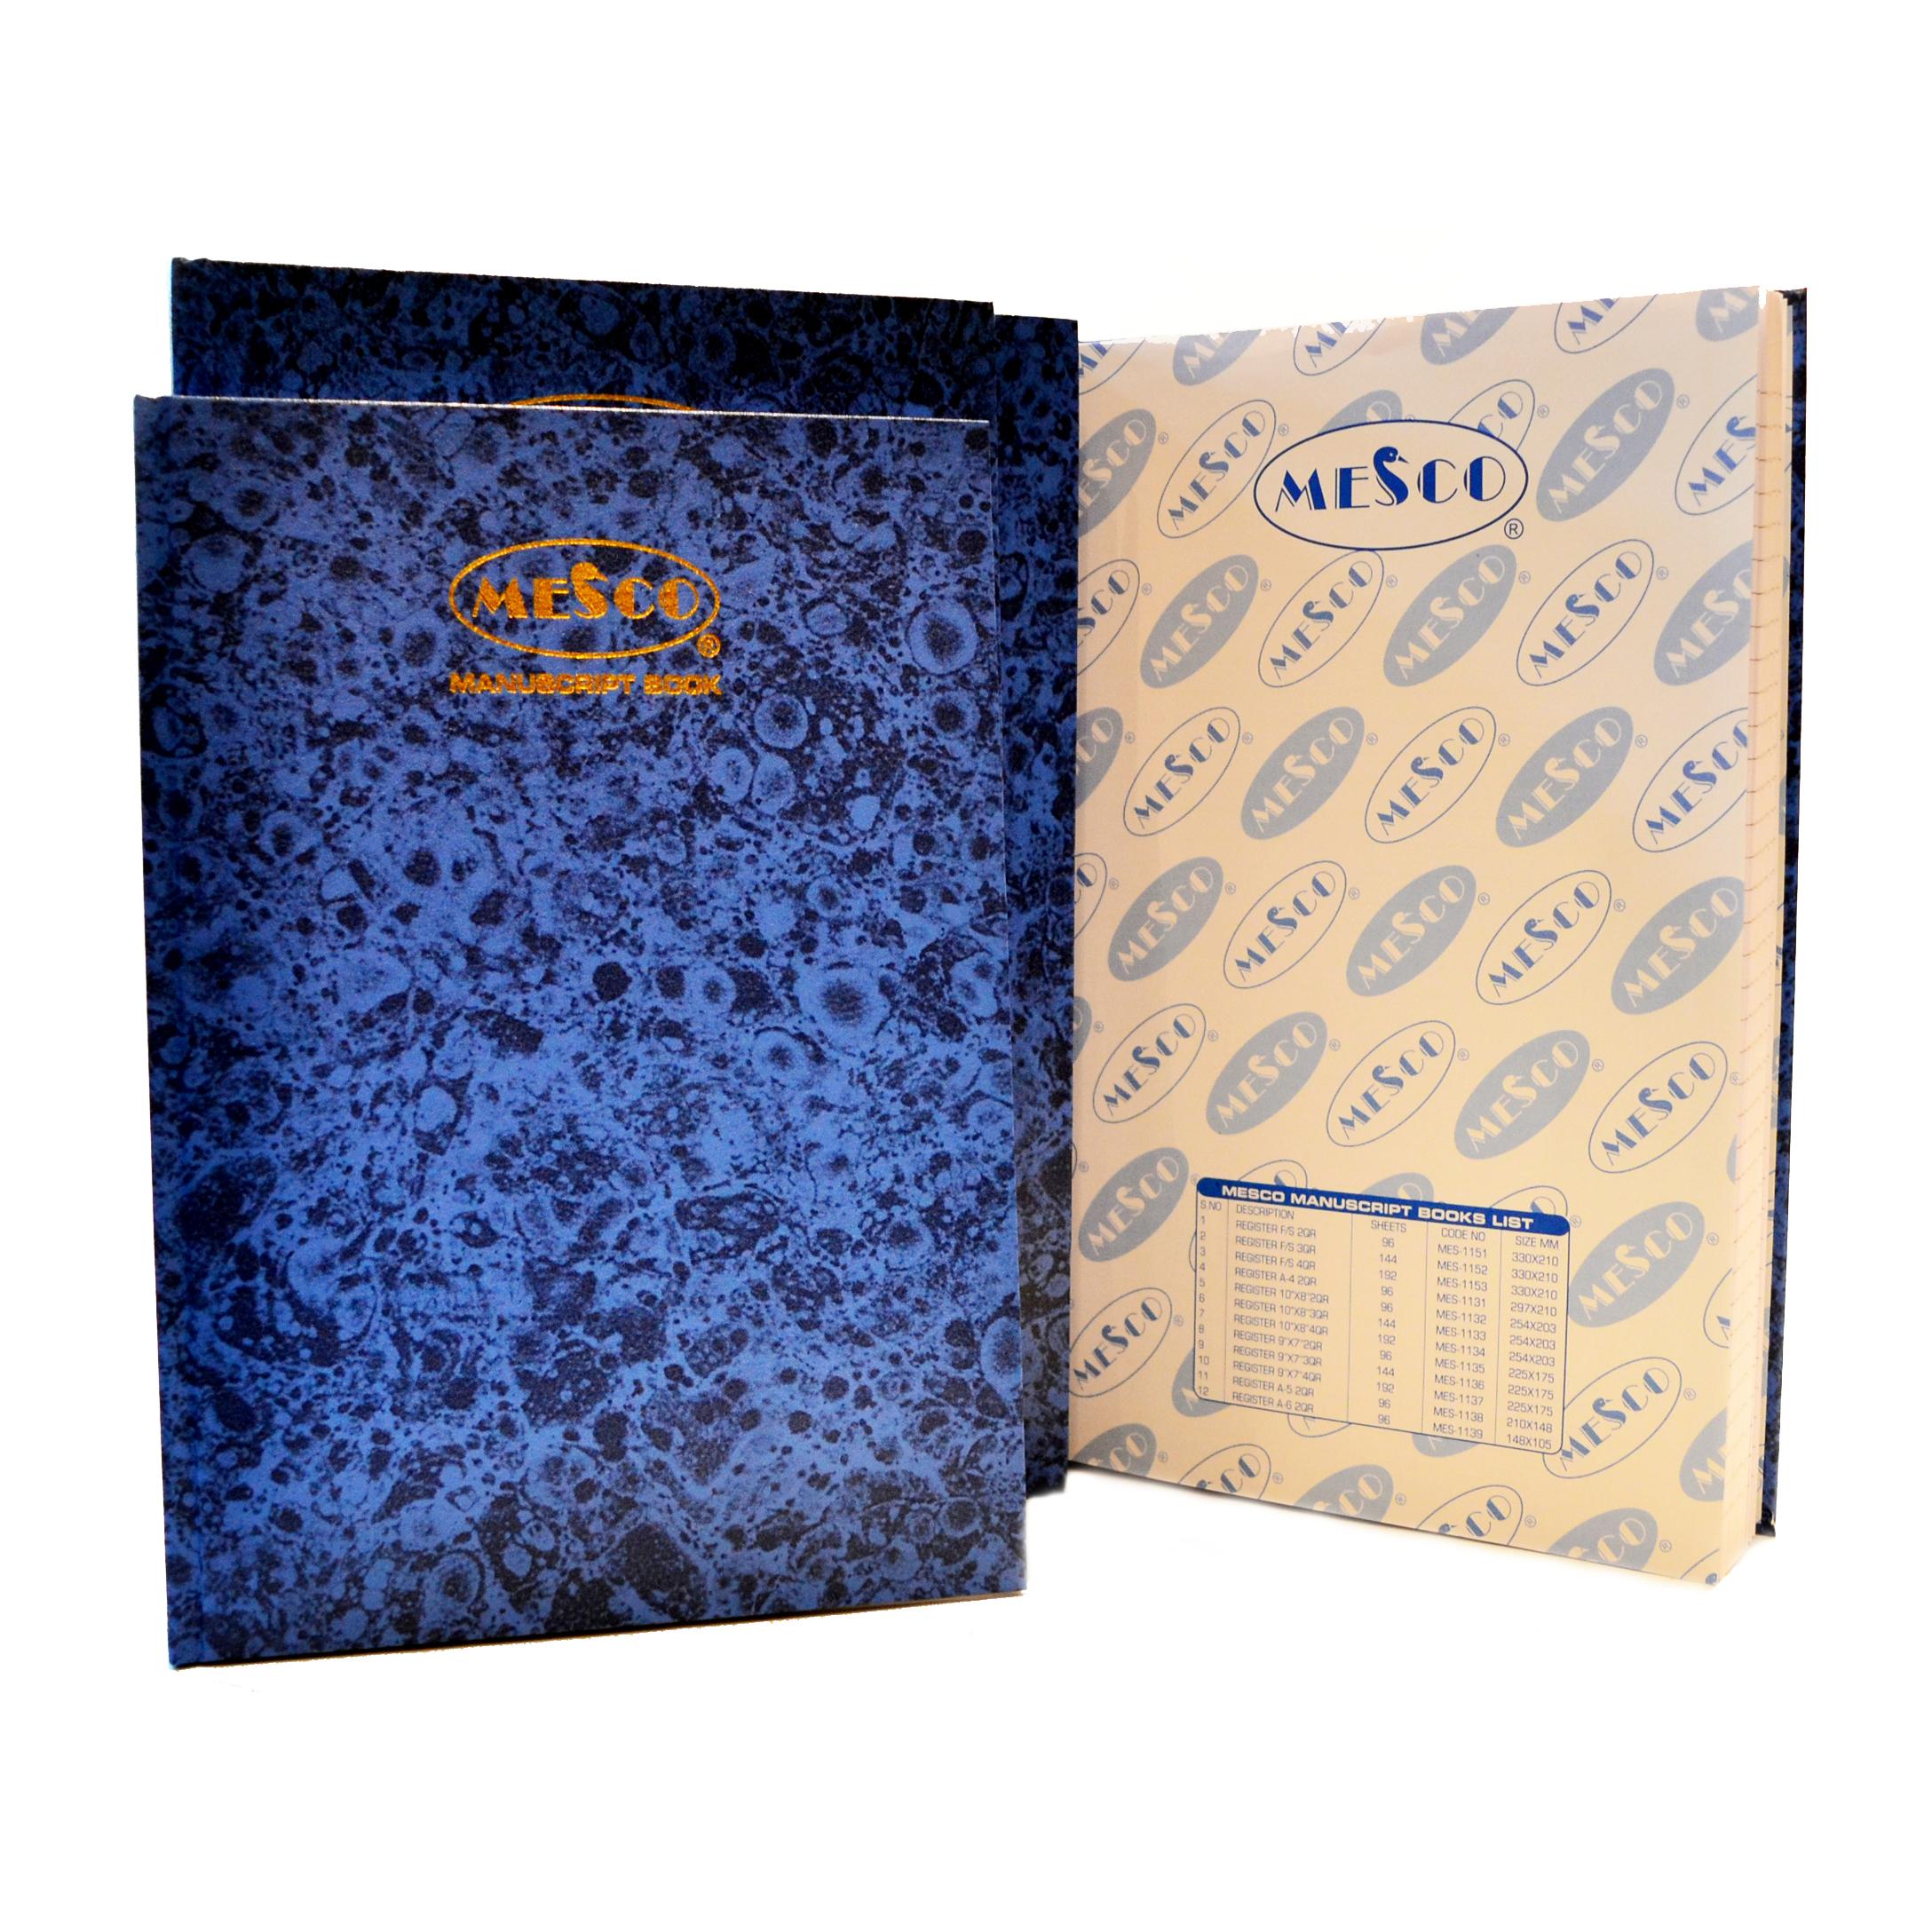 Mesco MES-1153 Manuscript Book 4Q - FS (pc)